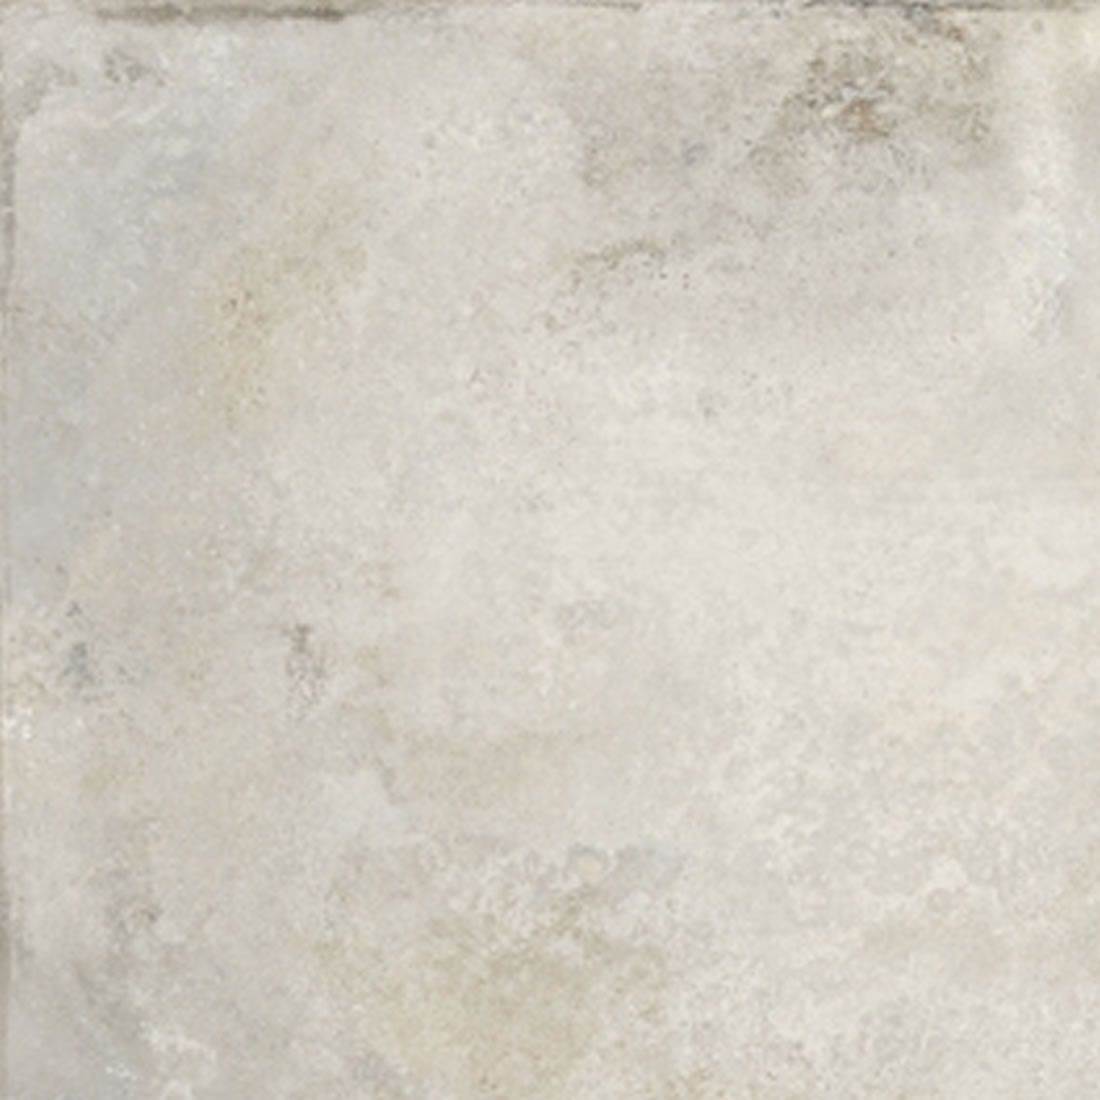 Porcelanato Elizabeth Rivera HD Polido 62,5x62,5 Com 1,97mts na Caixa